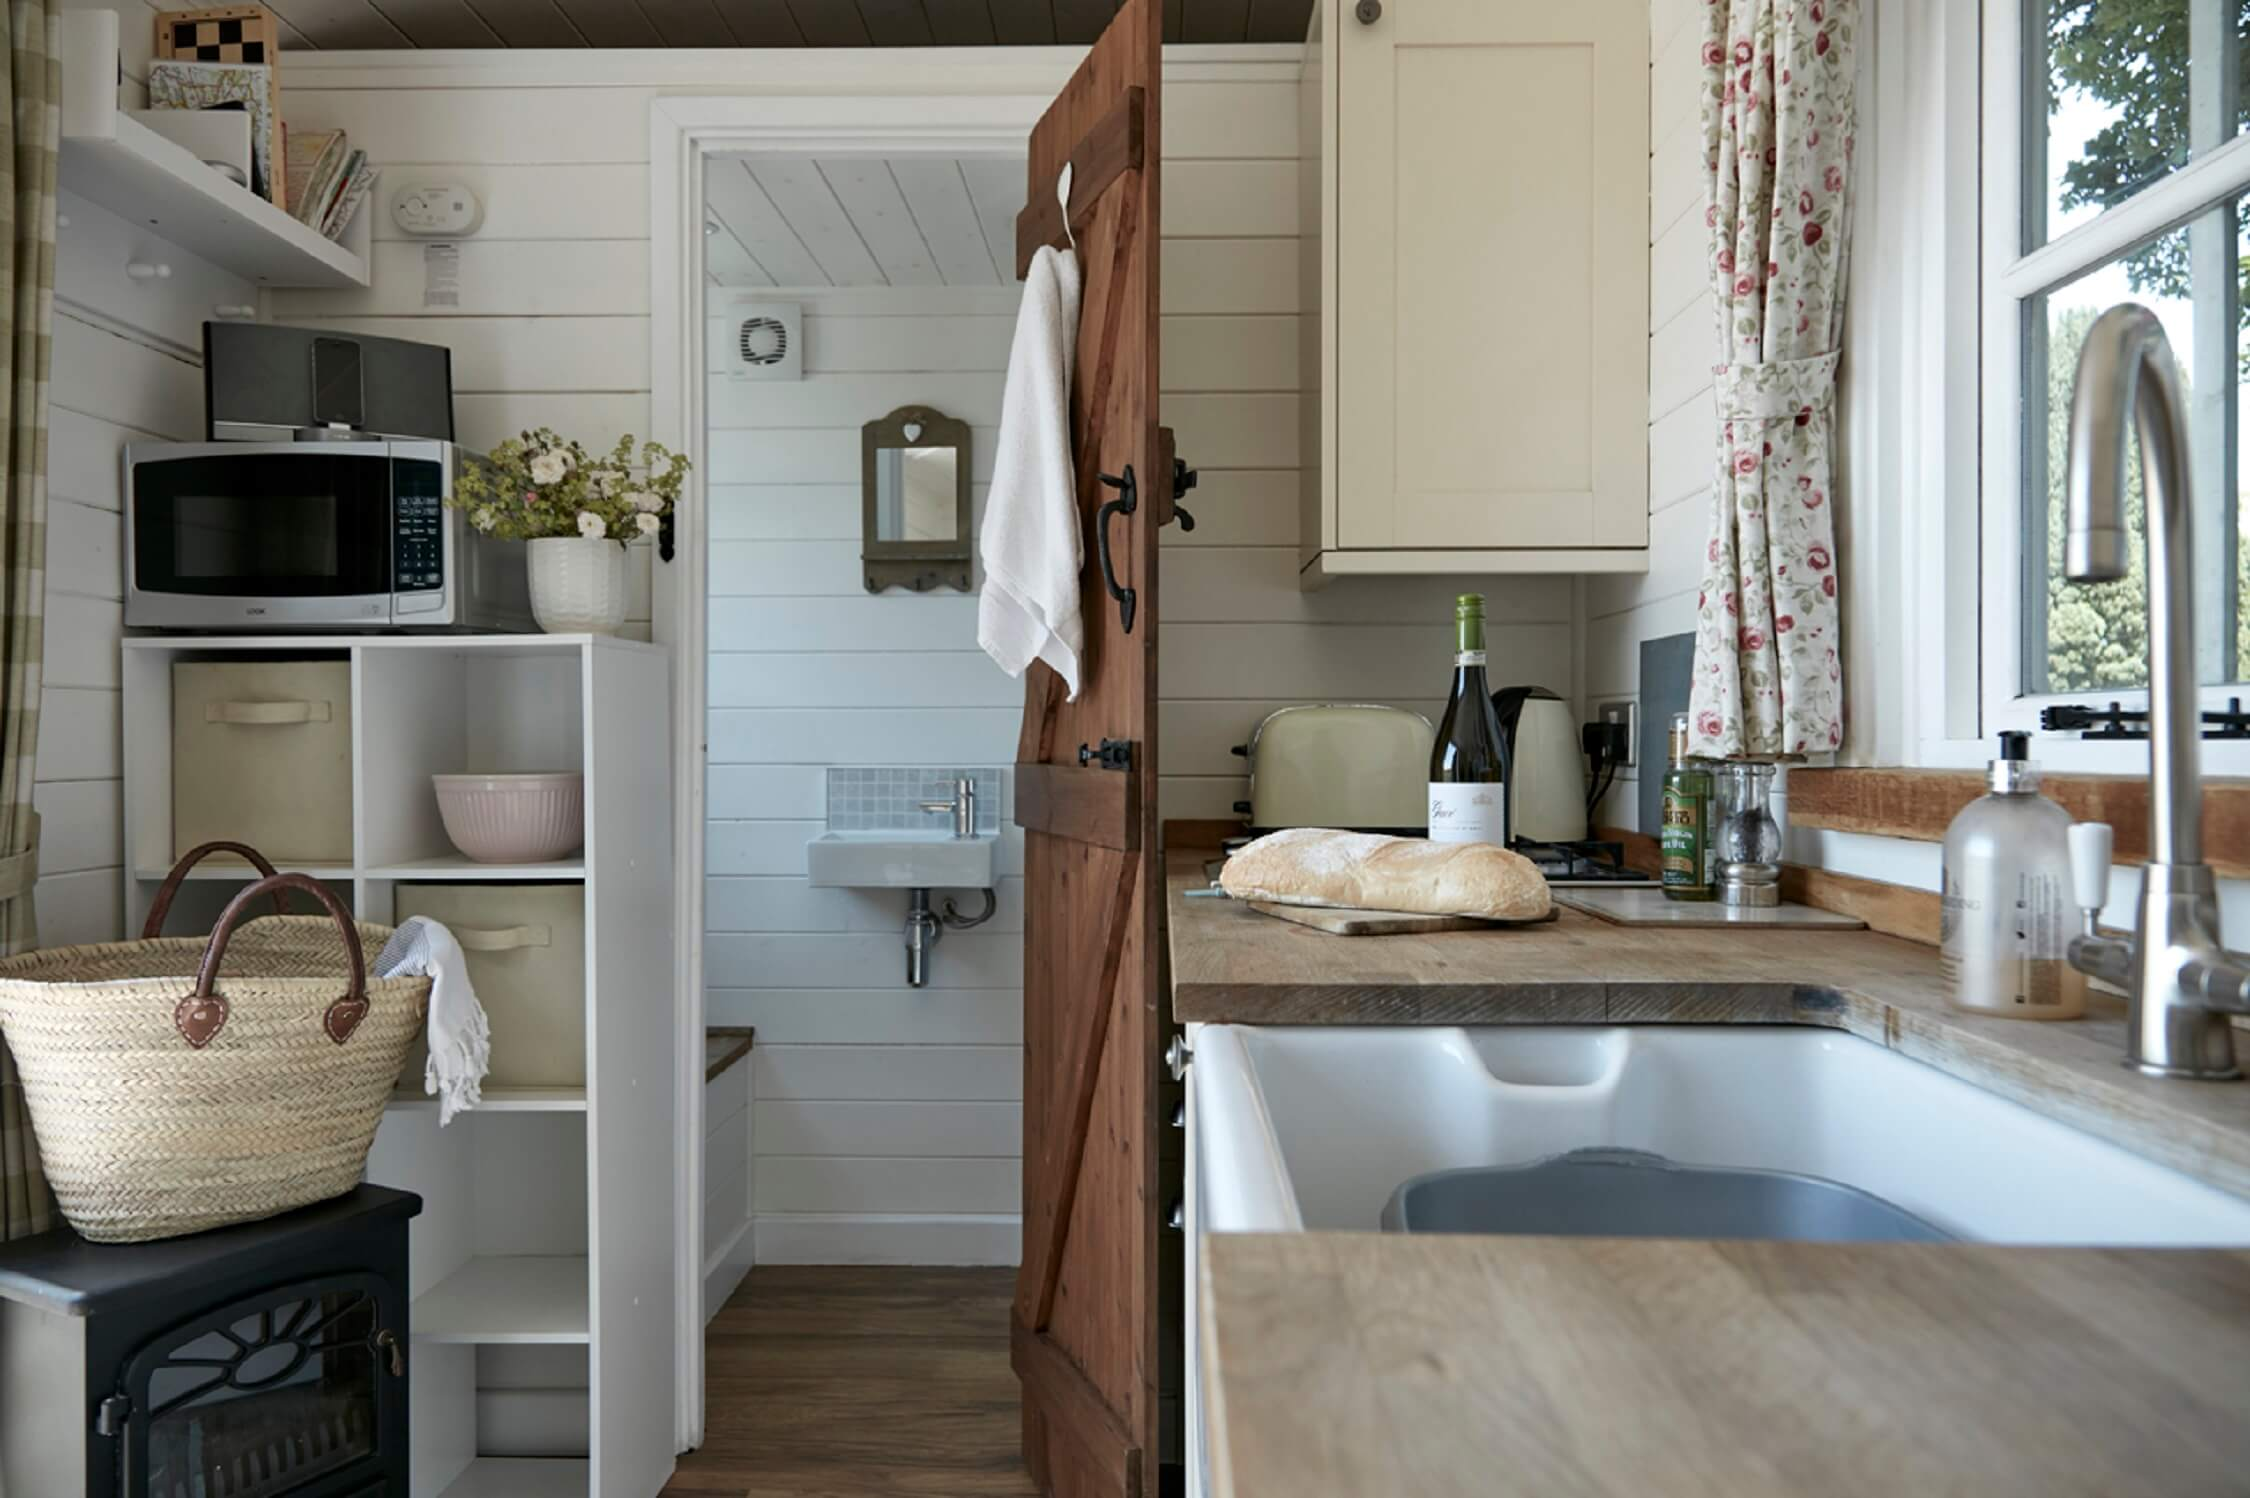 Bucks Green - Shepherd's Hut - interior